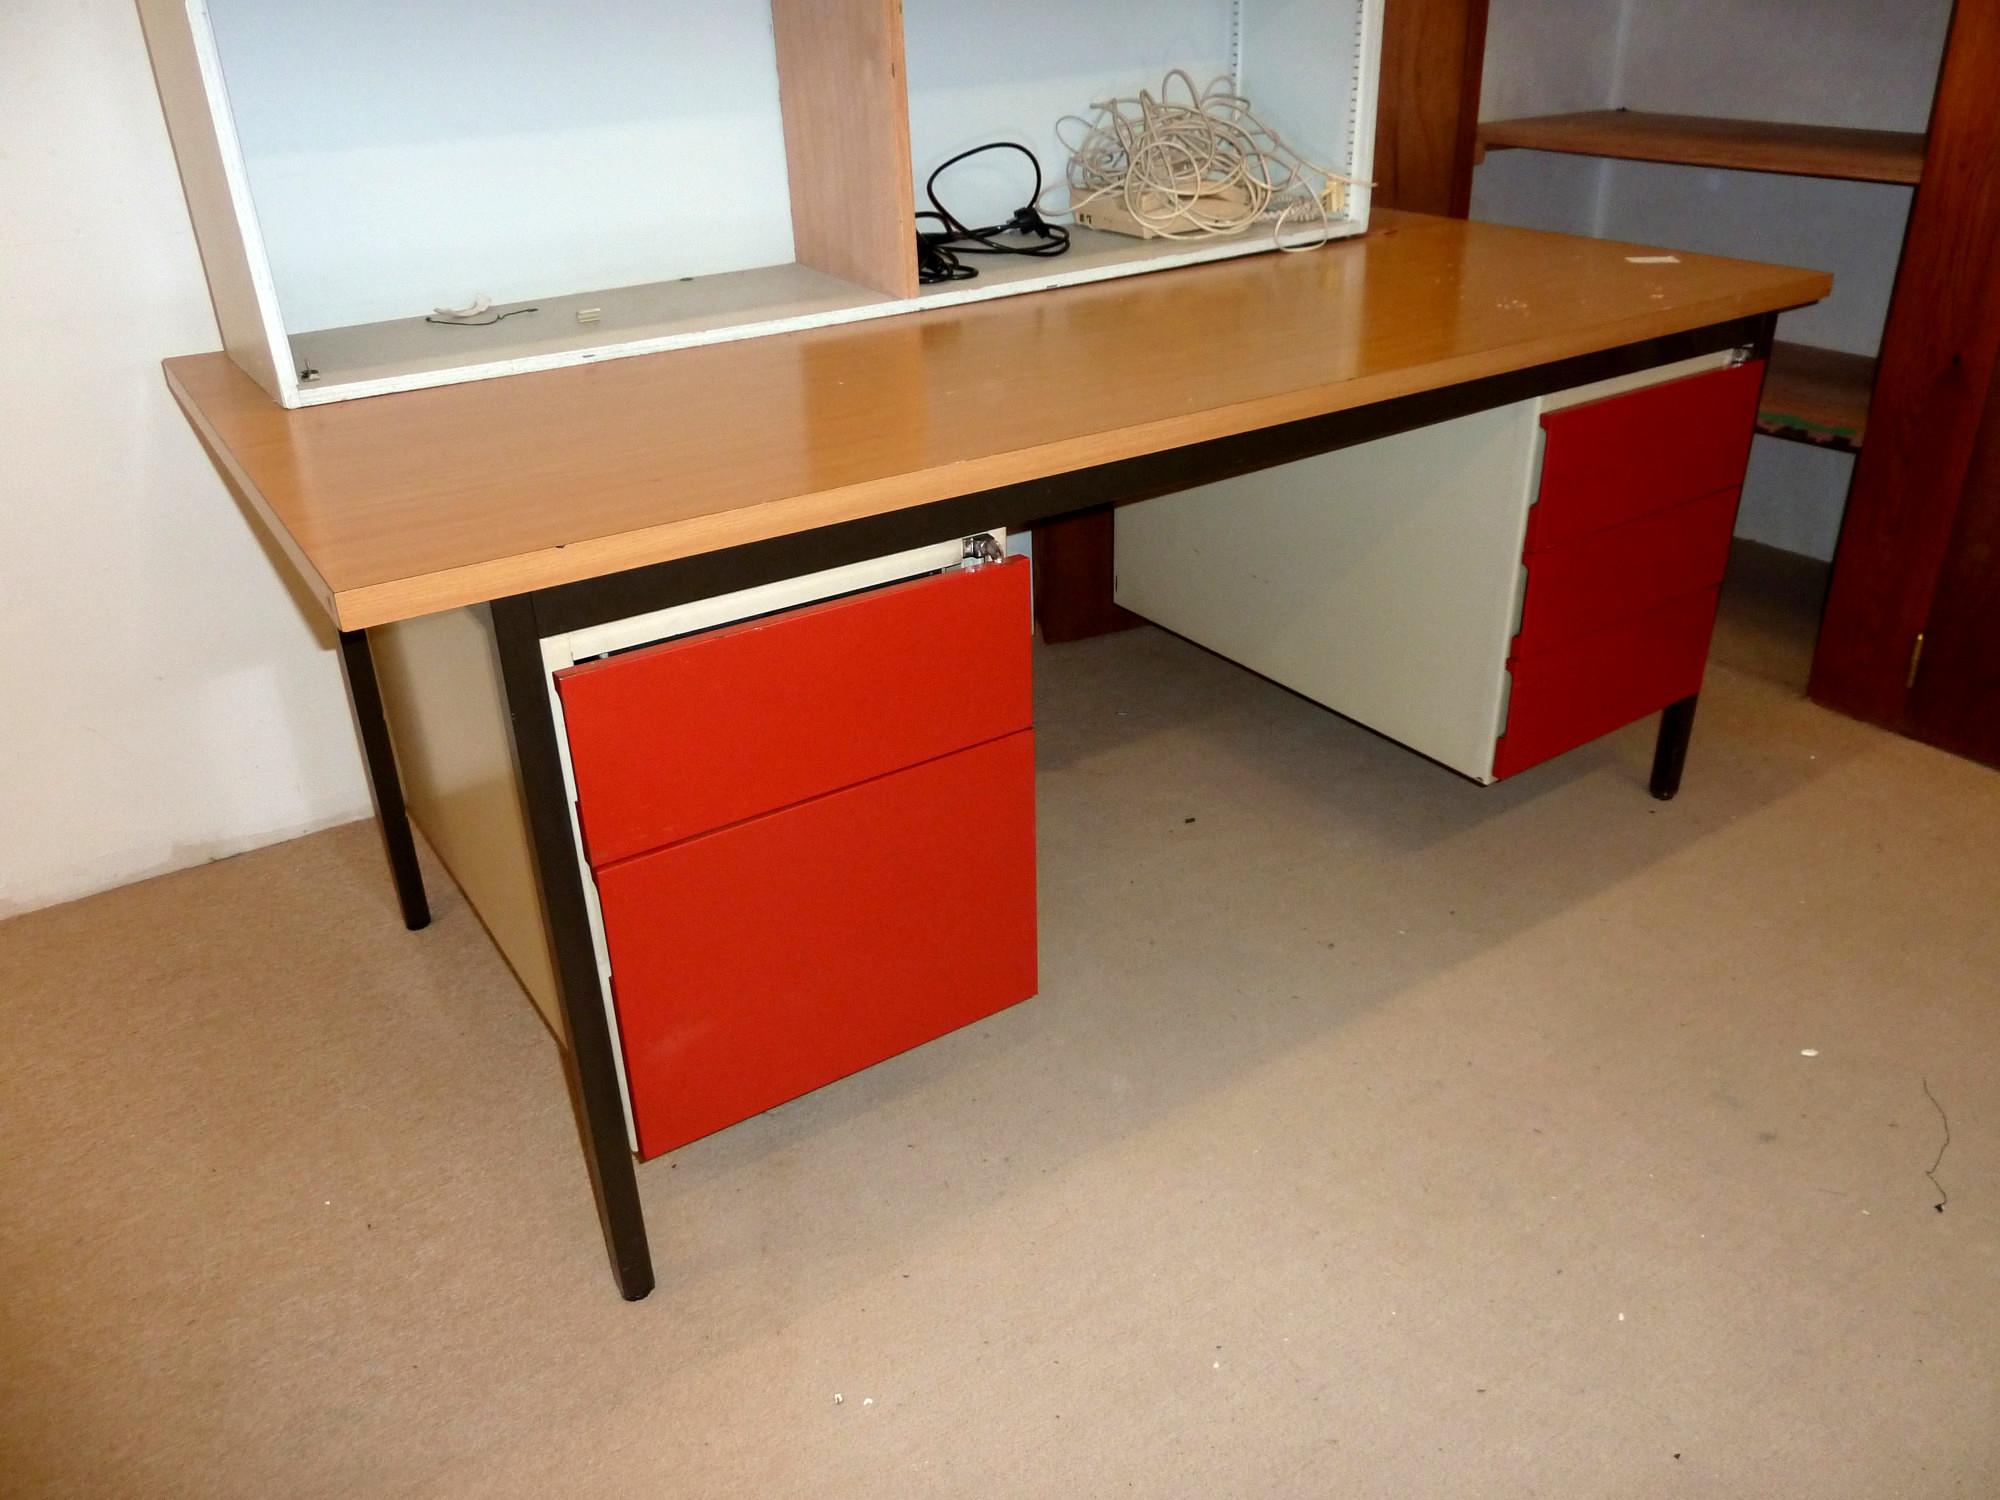 bureau m tallique tiroir bureau d 39 occasion aux ench res agorastore. Black Bedroom Furniture Sets. Home Design Ideas